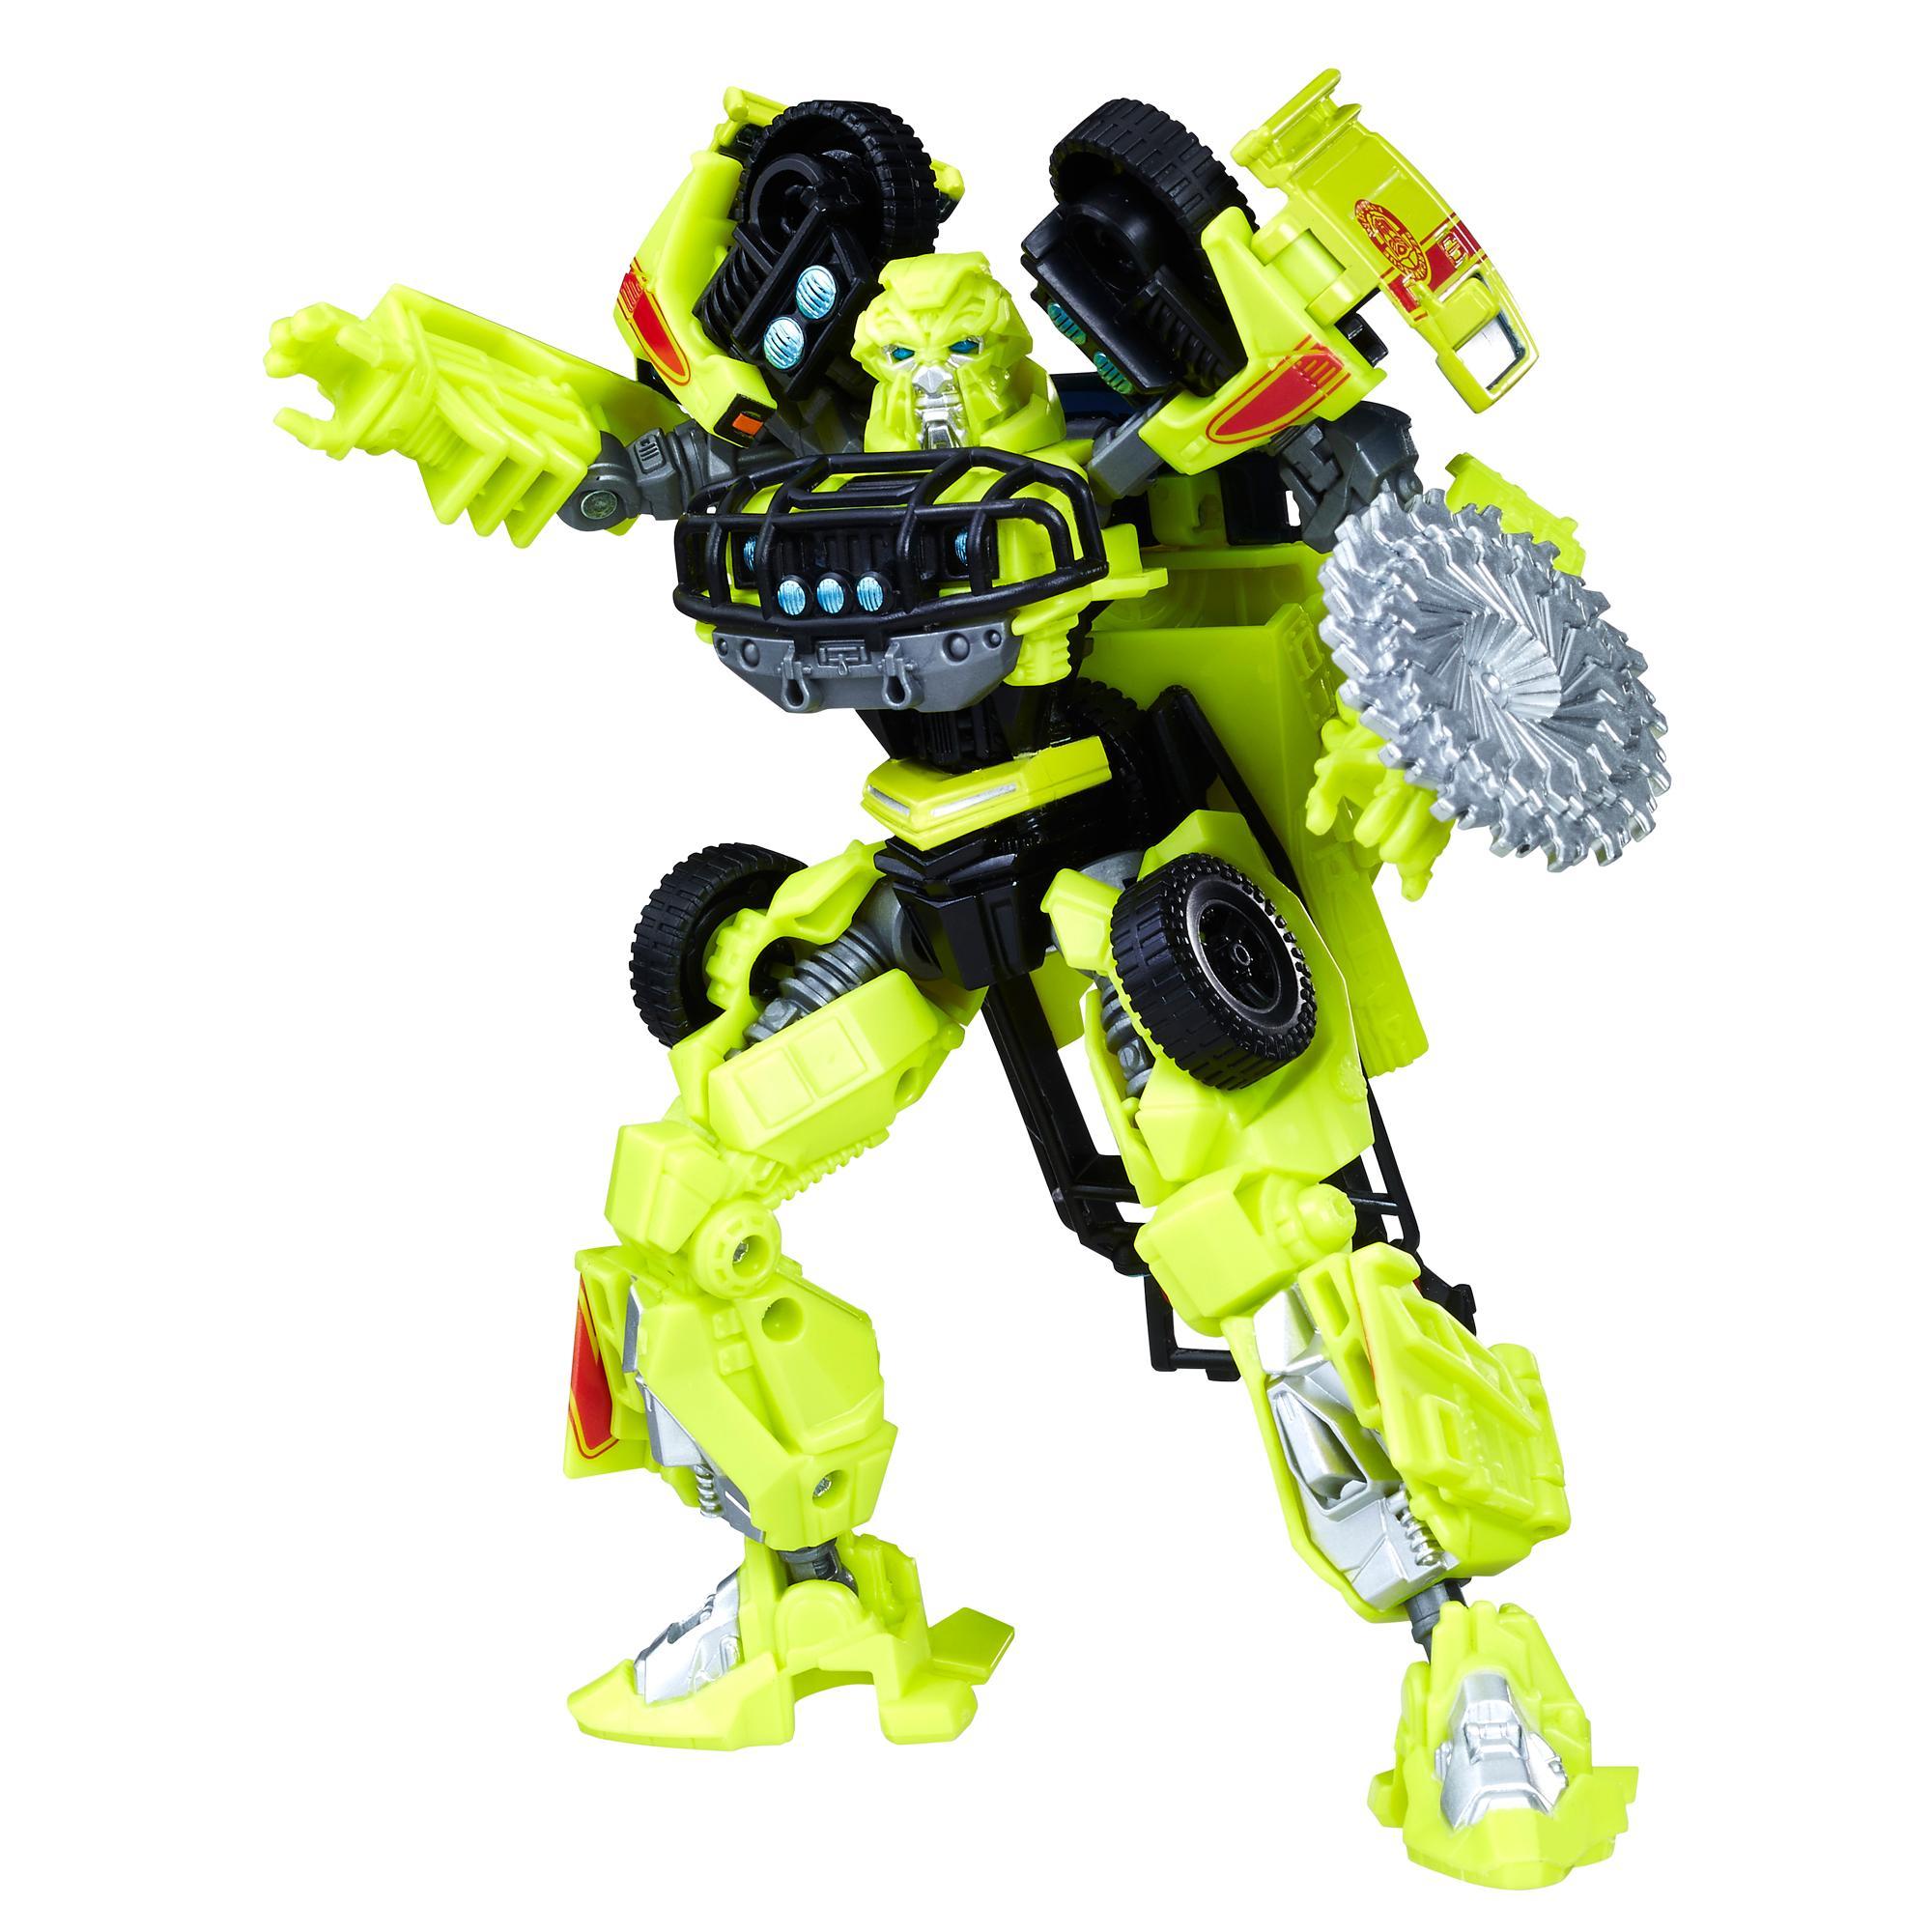 Transformers Studio Series - Autobot Ratchet 04 (Deluxe Class)